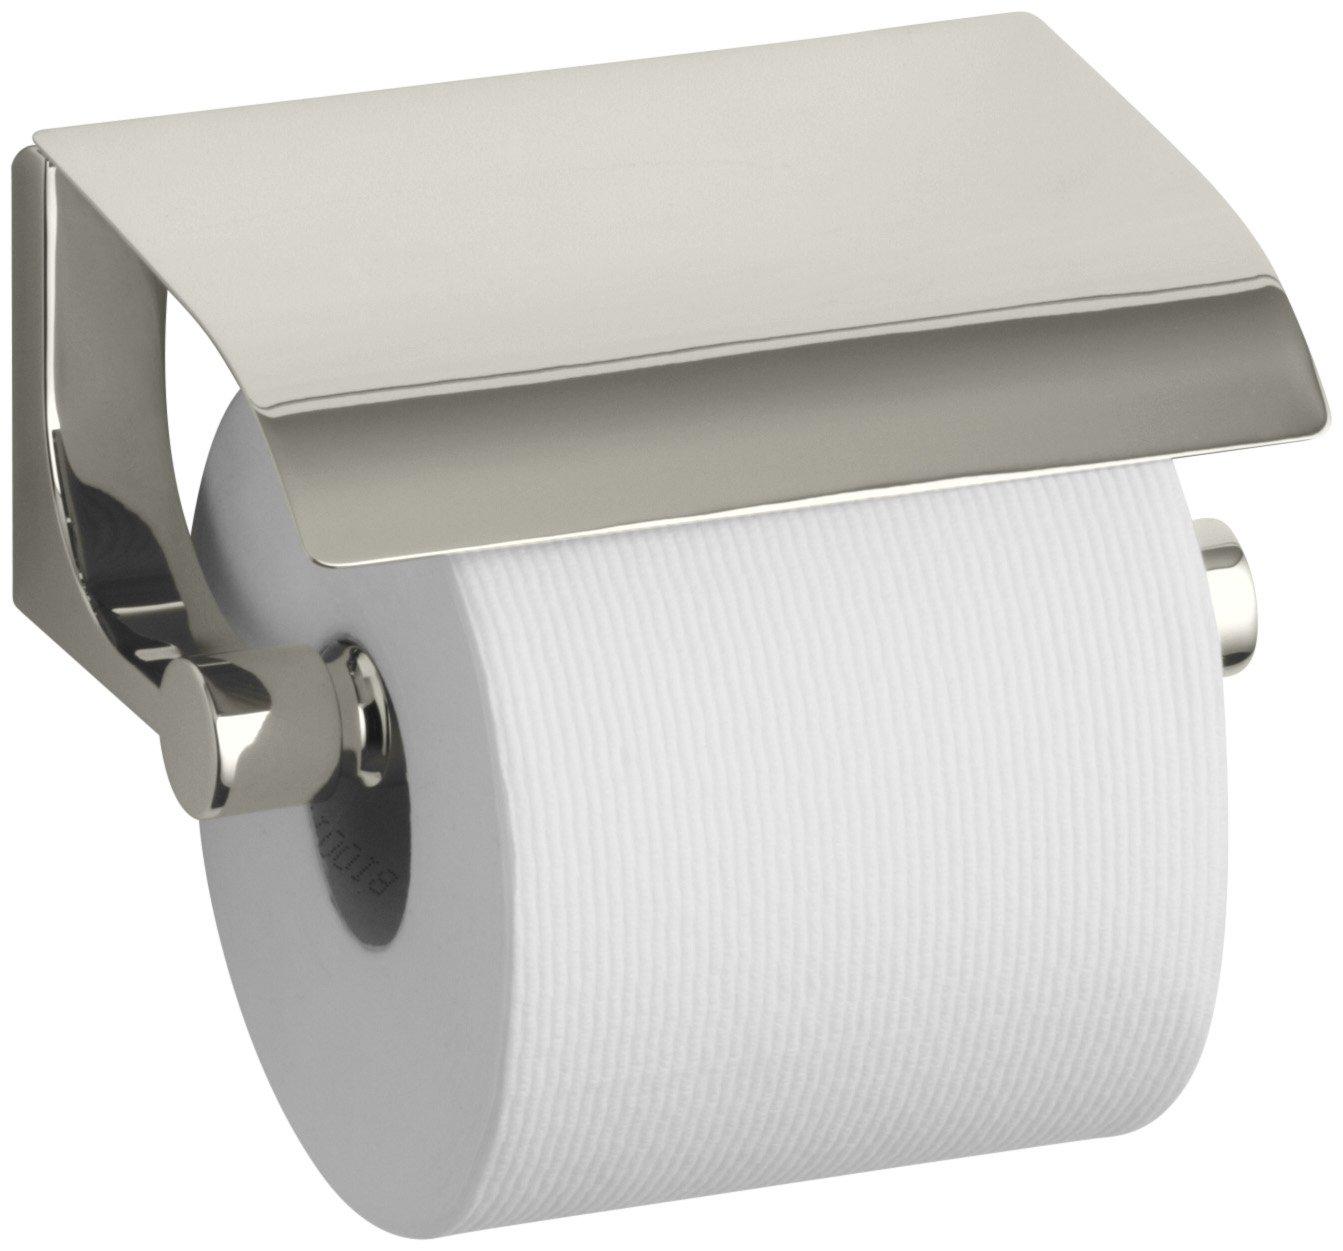 Kohler K11584cp Loure Covered Toilet Tissue Holder, Polished Chrome   Toilet Paper Holders  Amazon